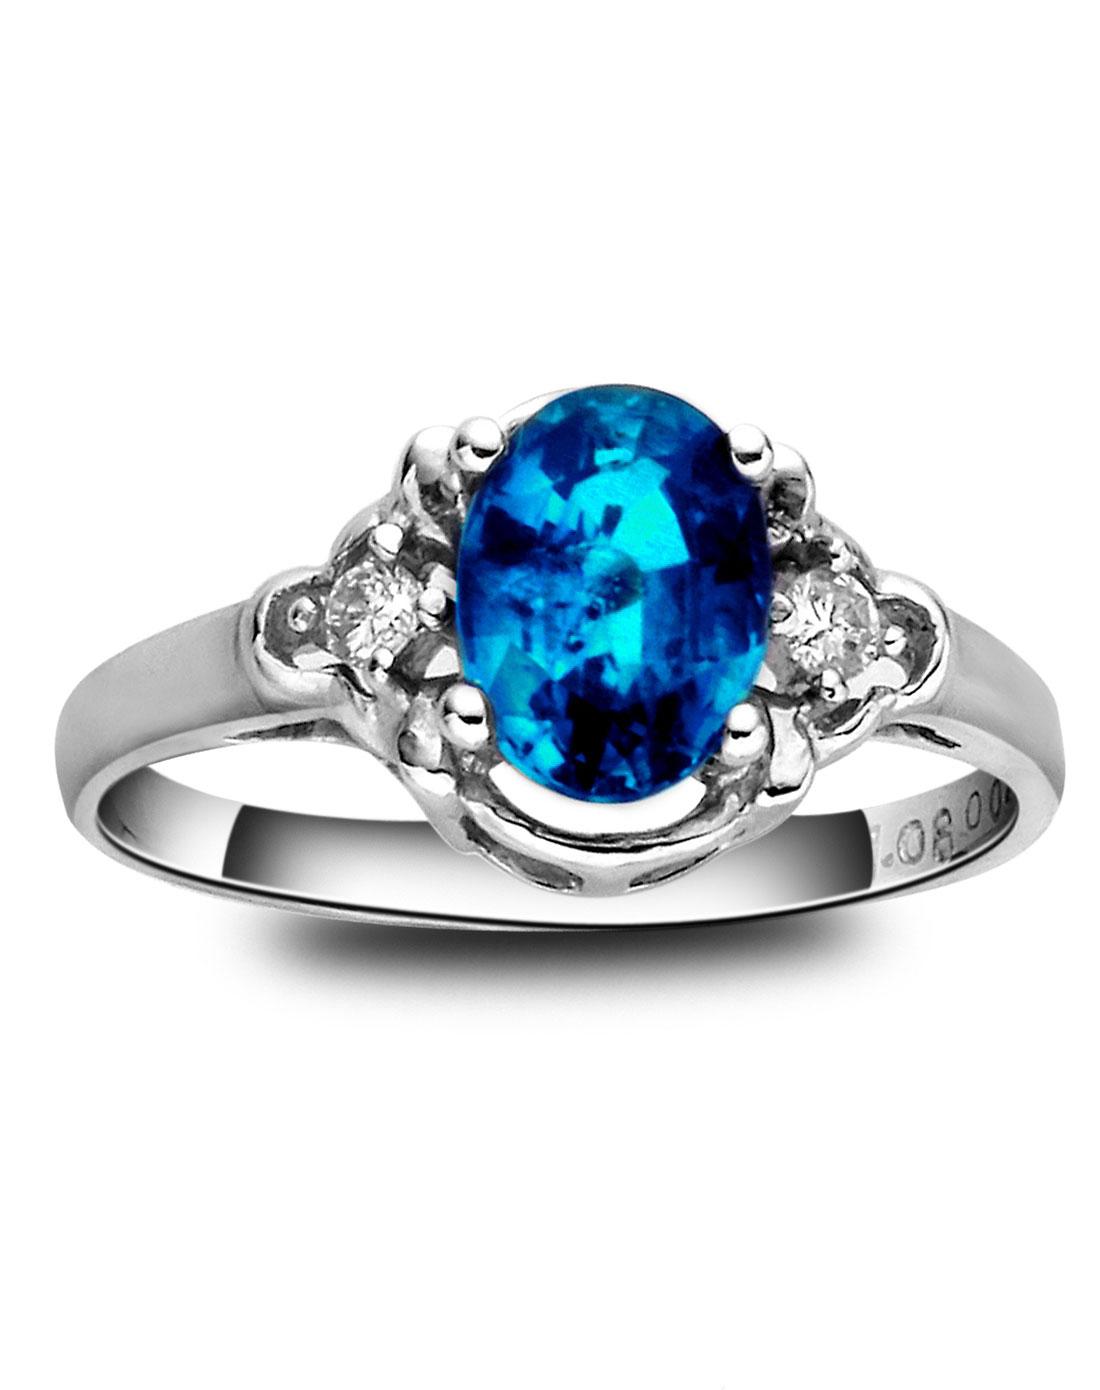 白18k金镶宝石戒指图片